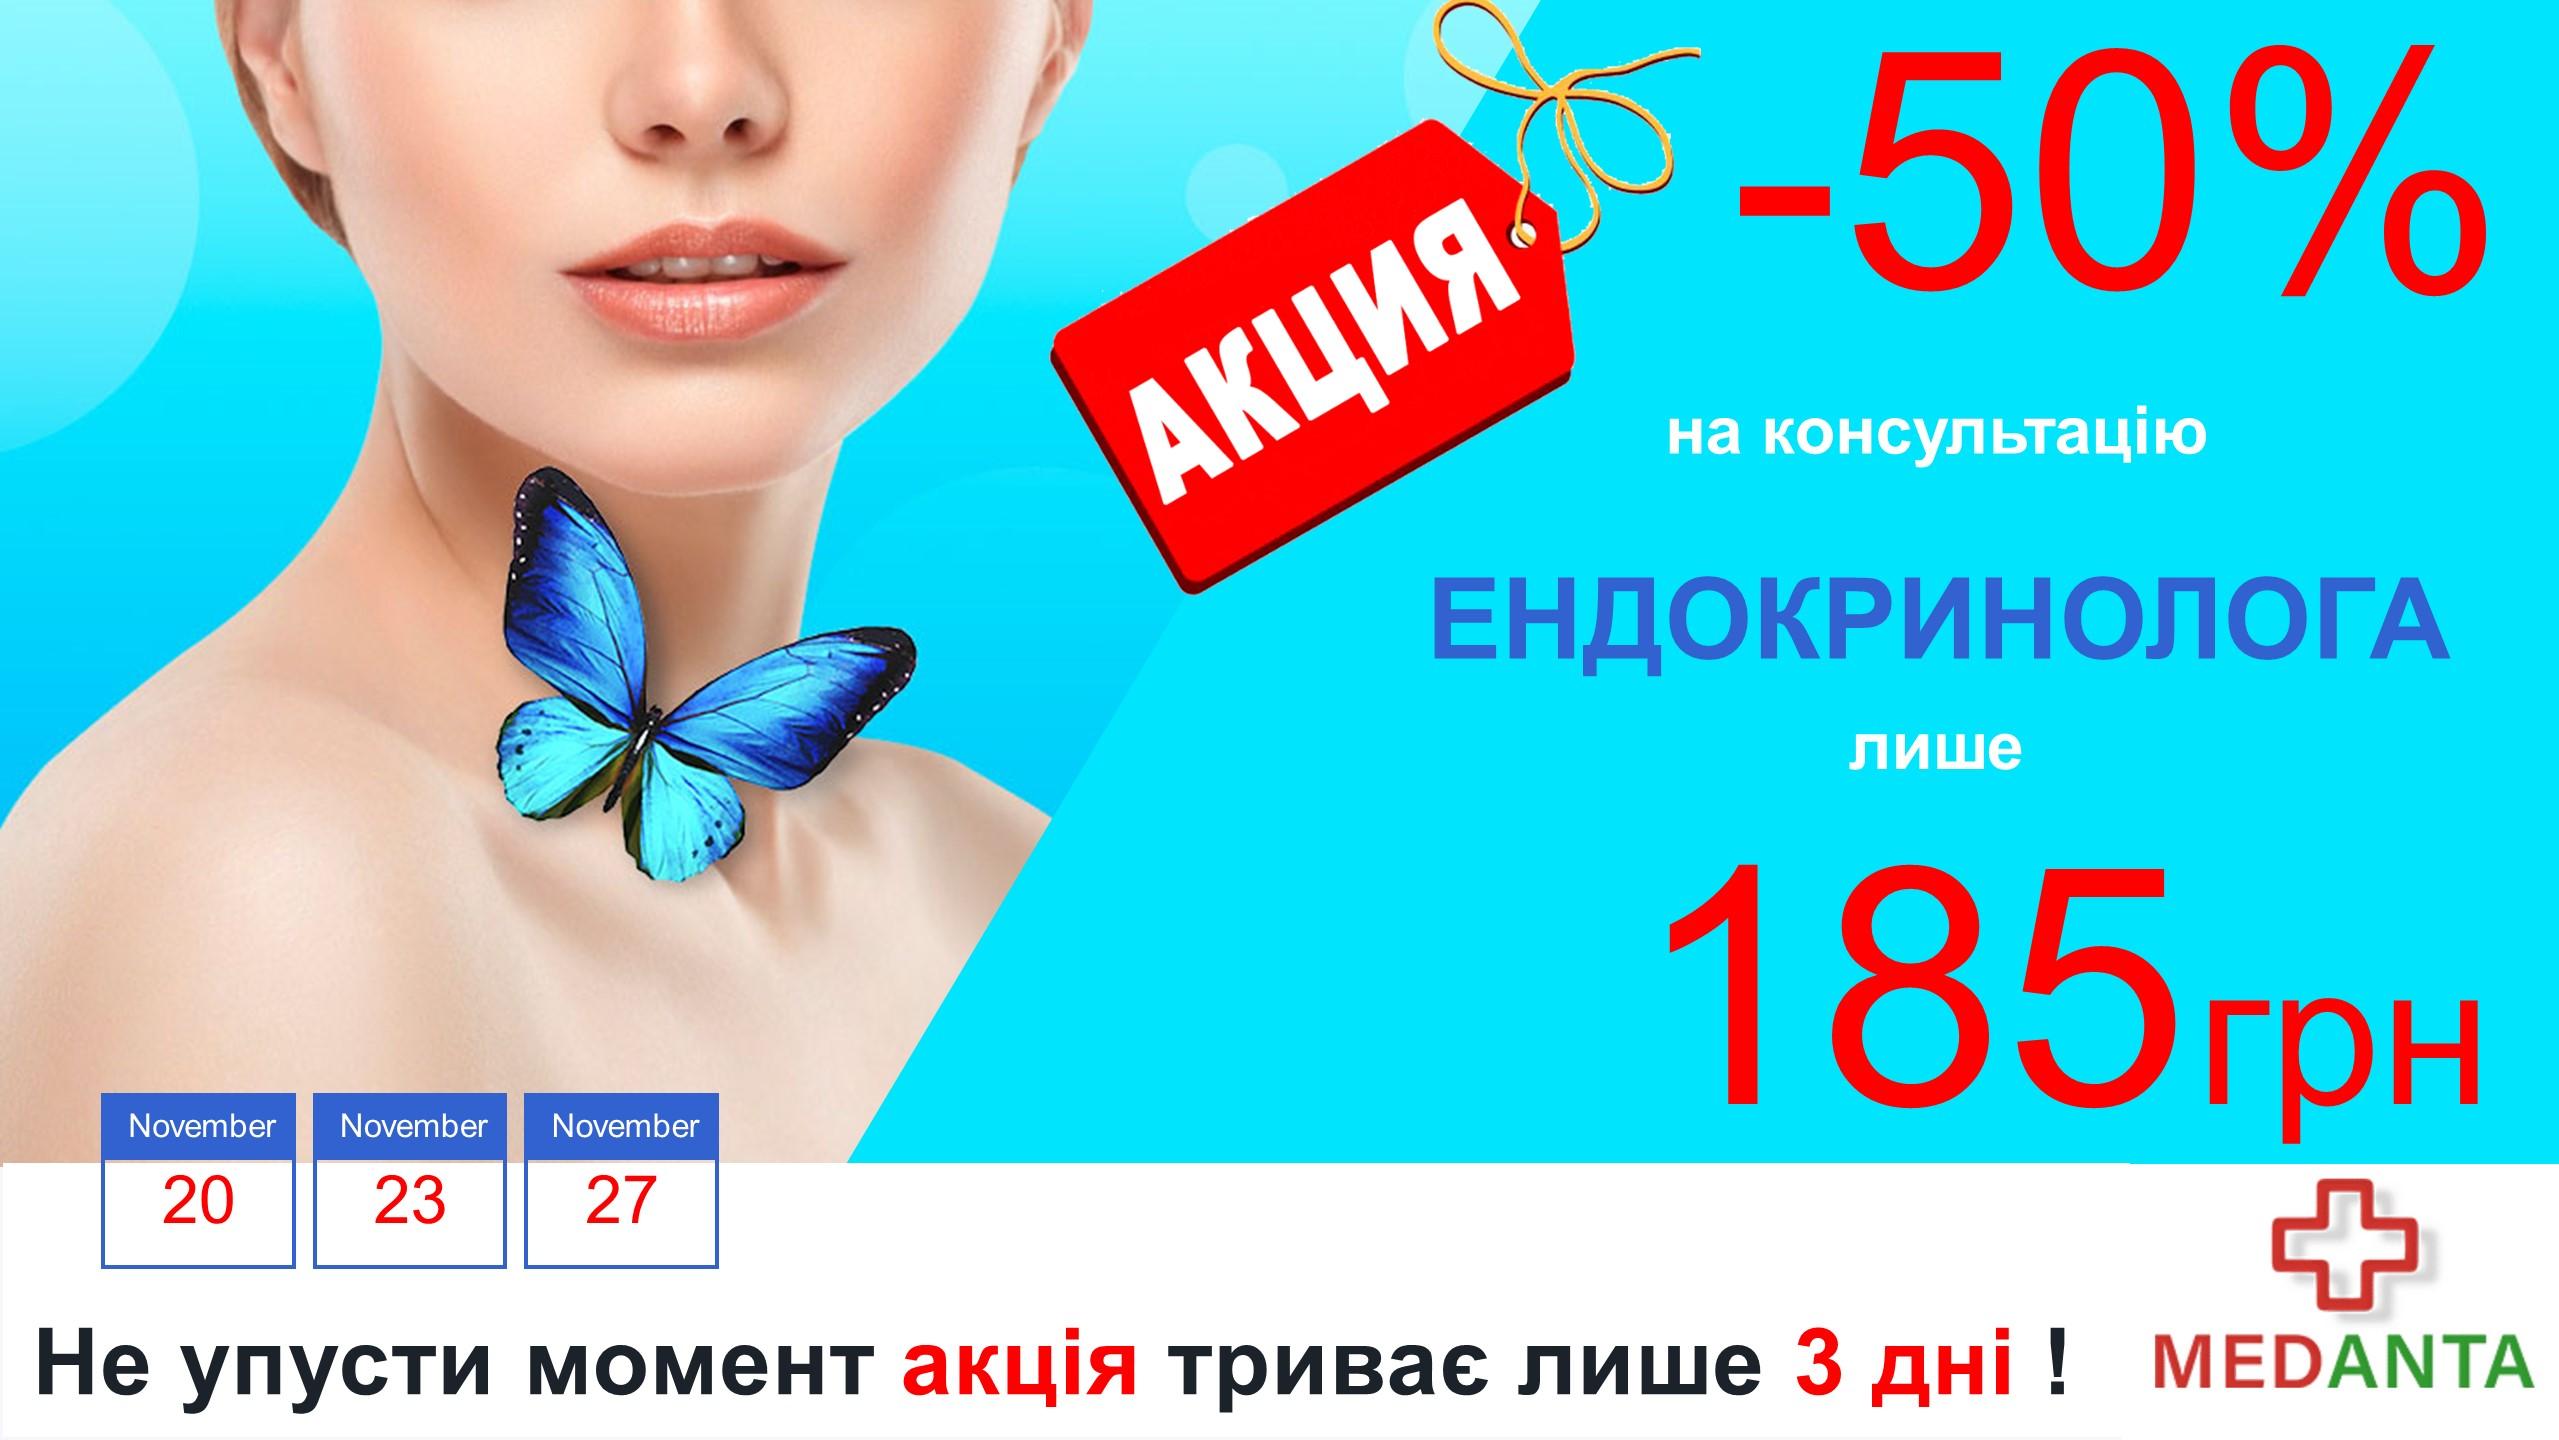 АКЦІЯ!! Консультація ендокринолога 185 грн.!!!